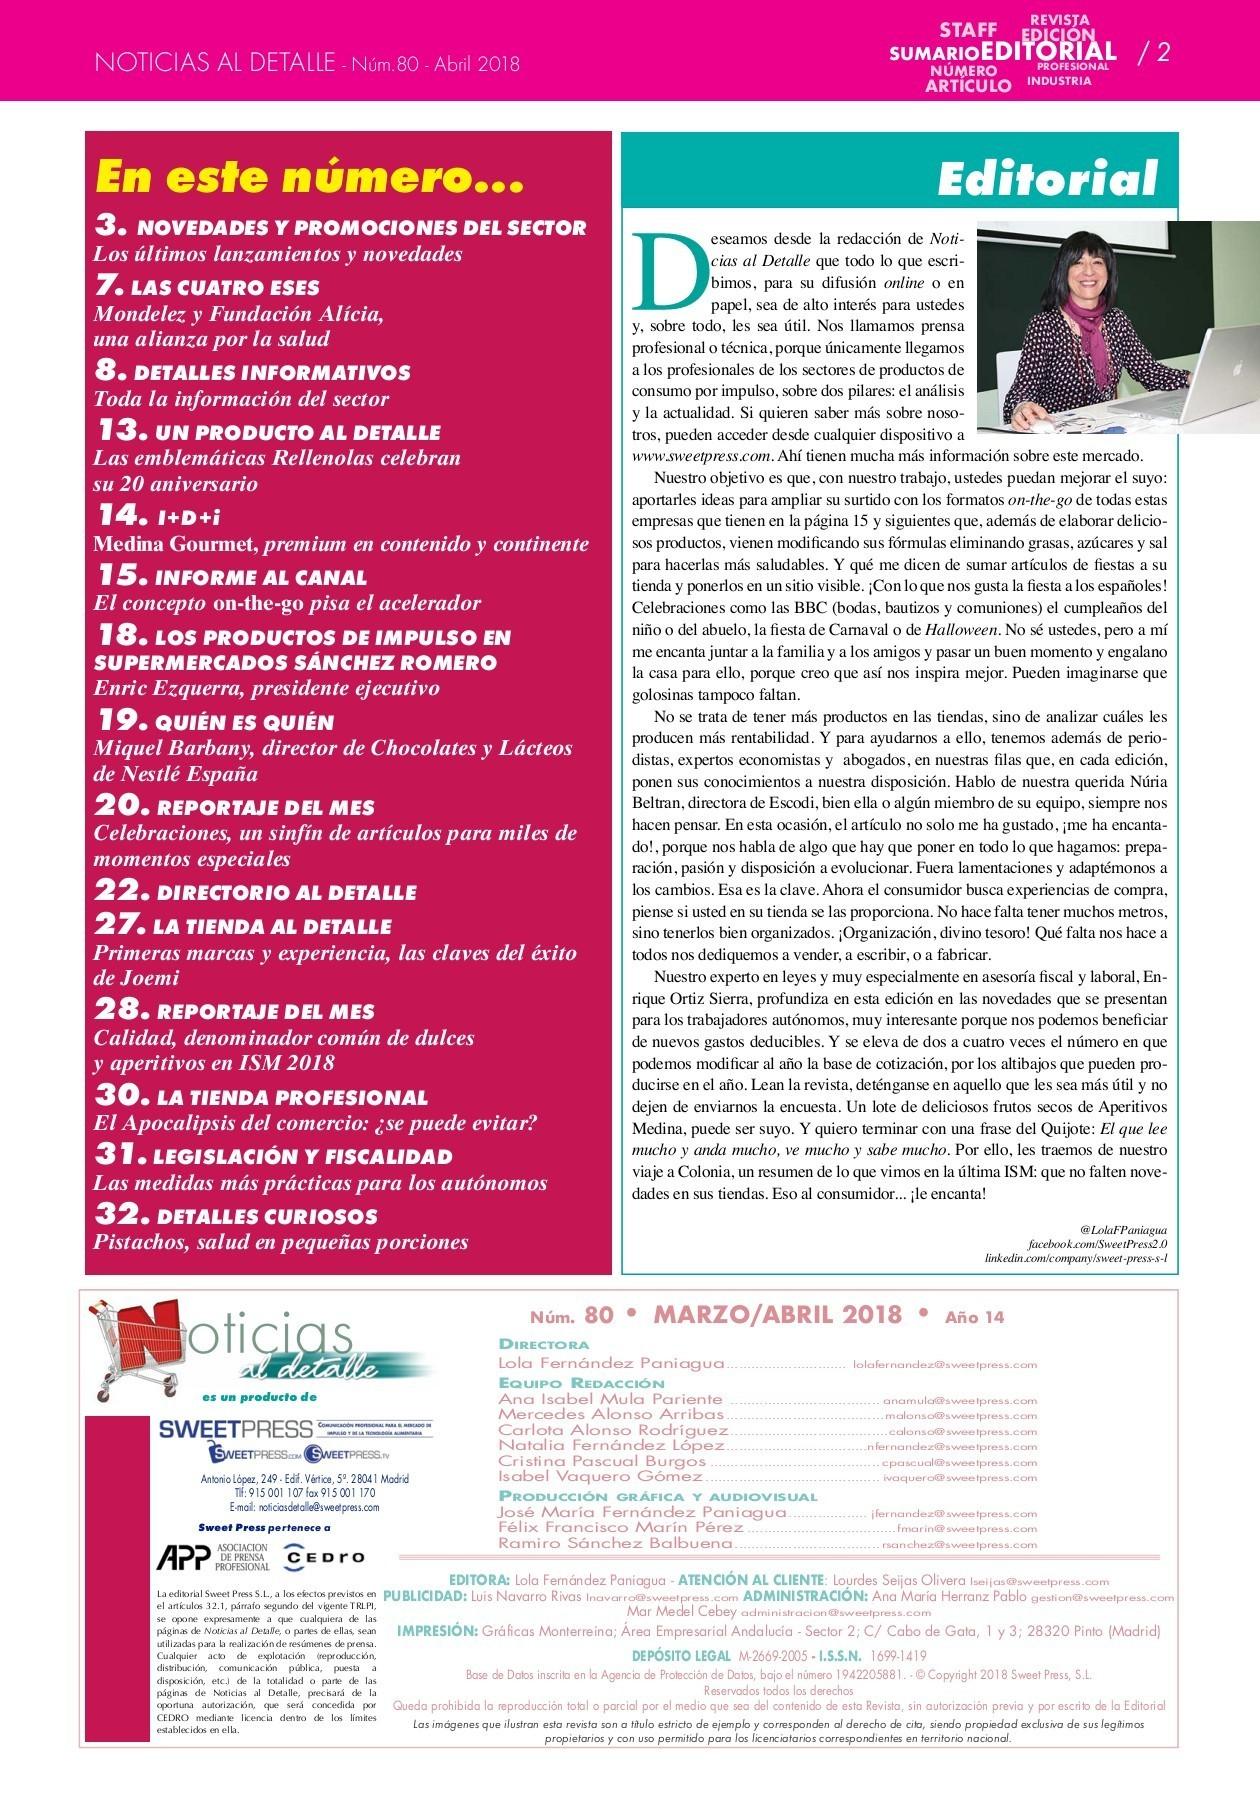 Noticias al Detalle nºm 80 marzo abril 2018 Pages 1 32 Text Version